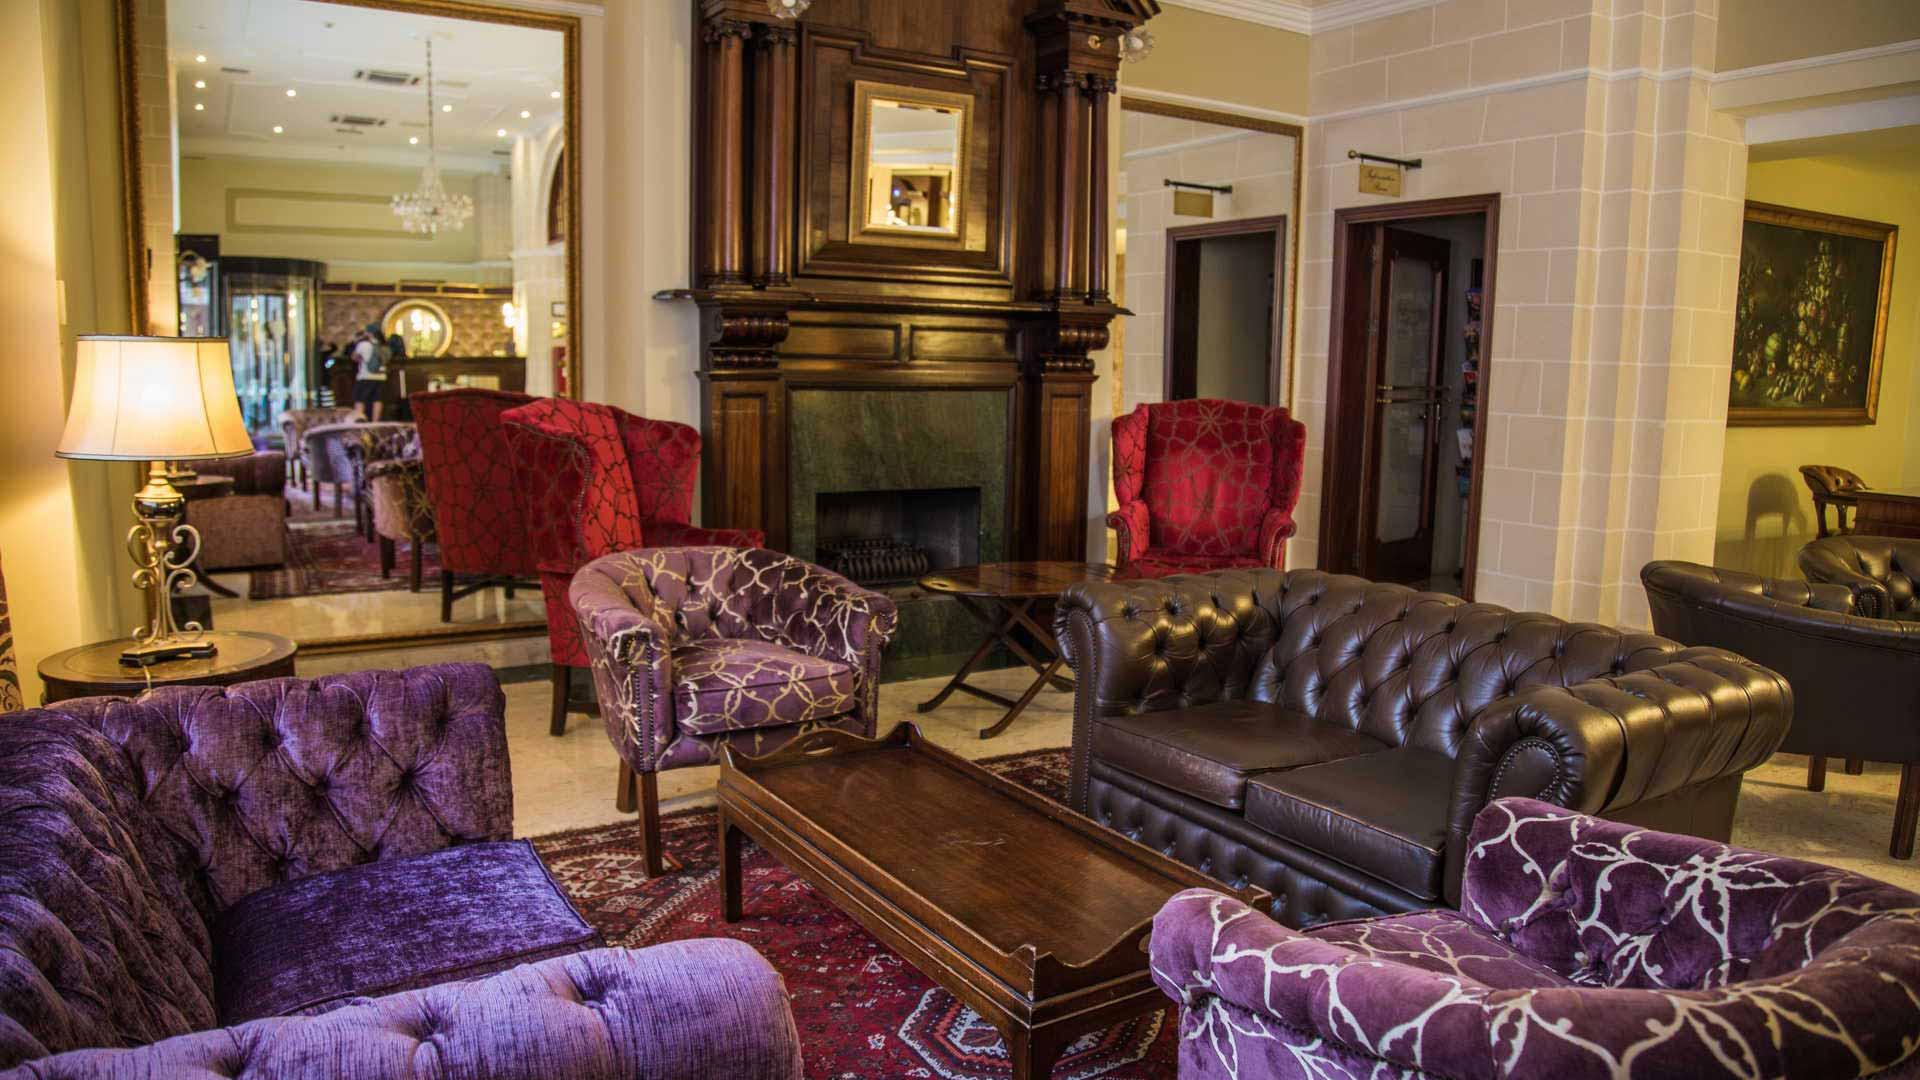 AX The Victoria Hotel - Lobby